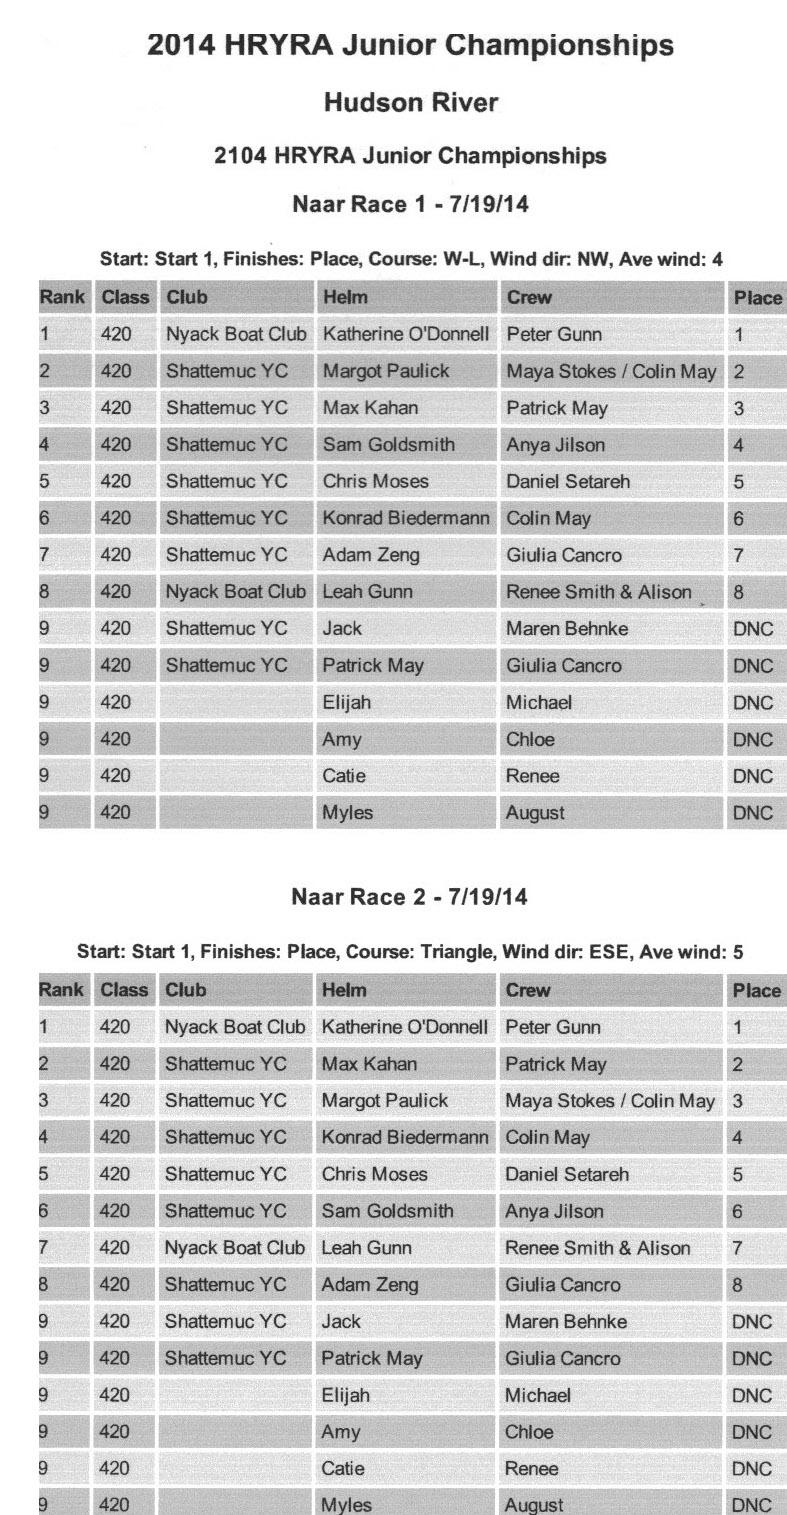 2014 HRYRA Jrs.- Naar Races 1 + 2